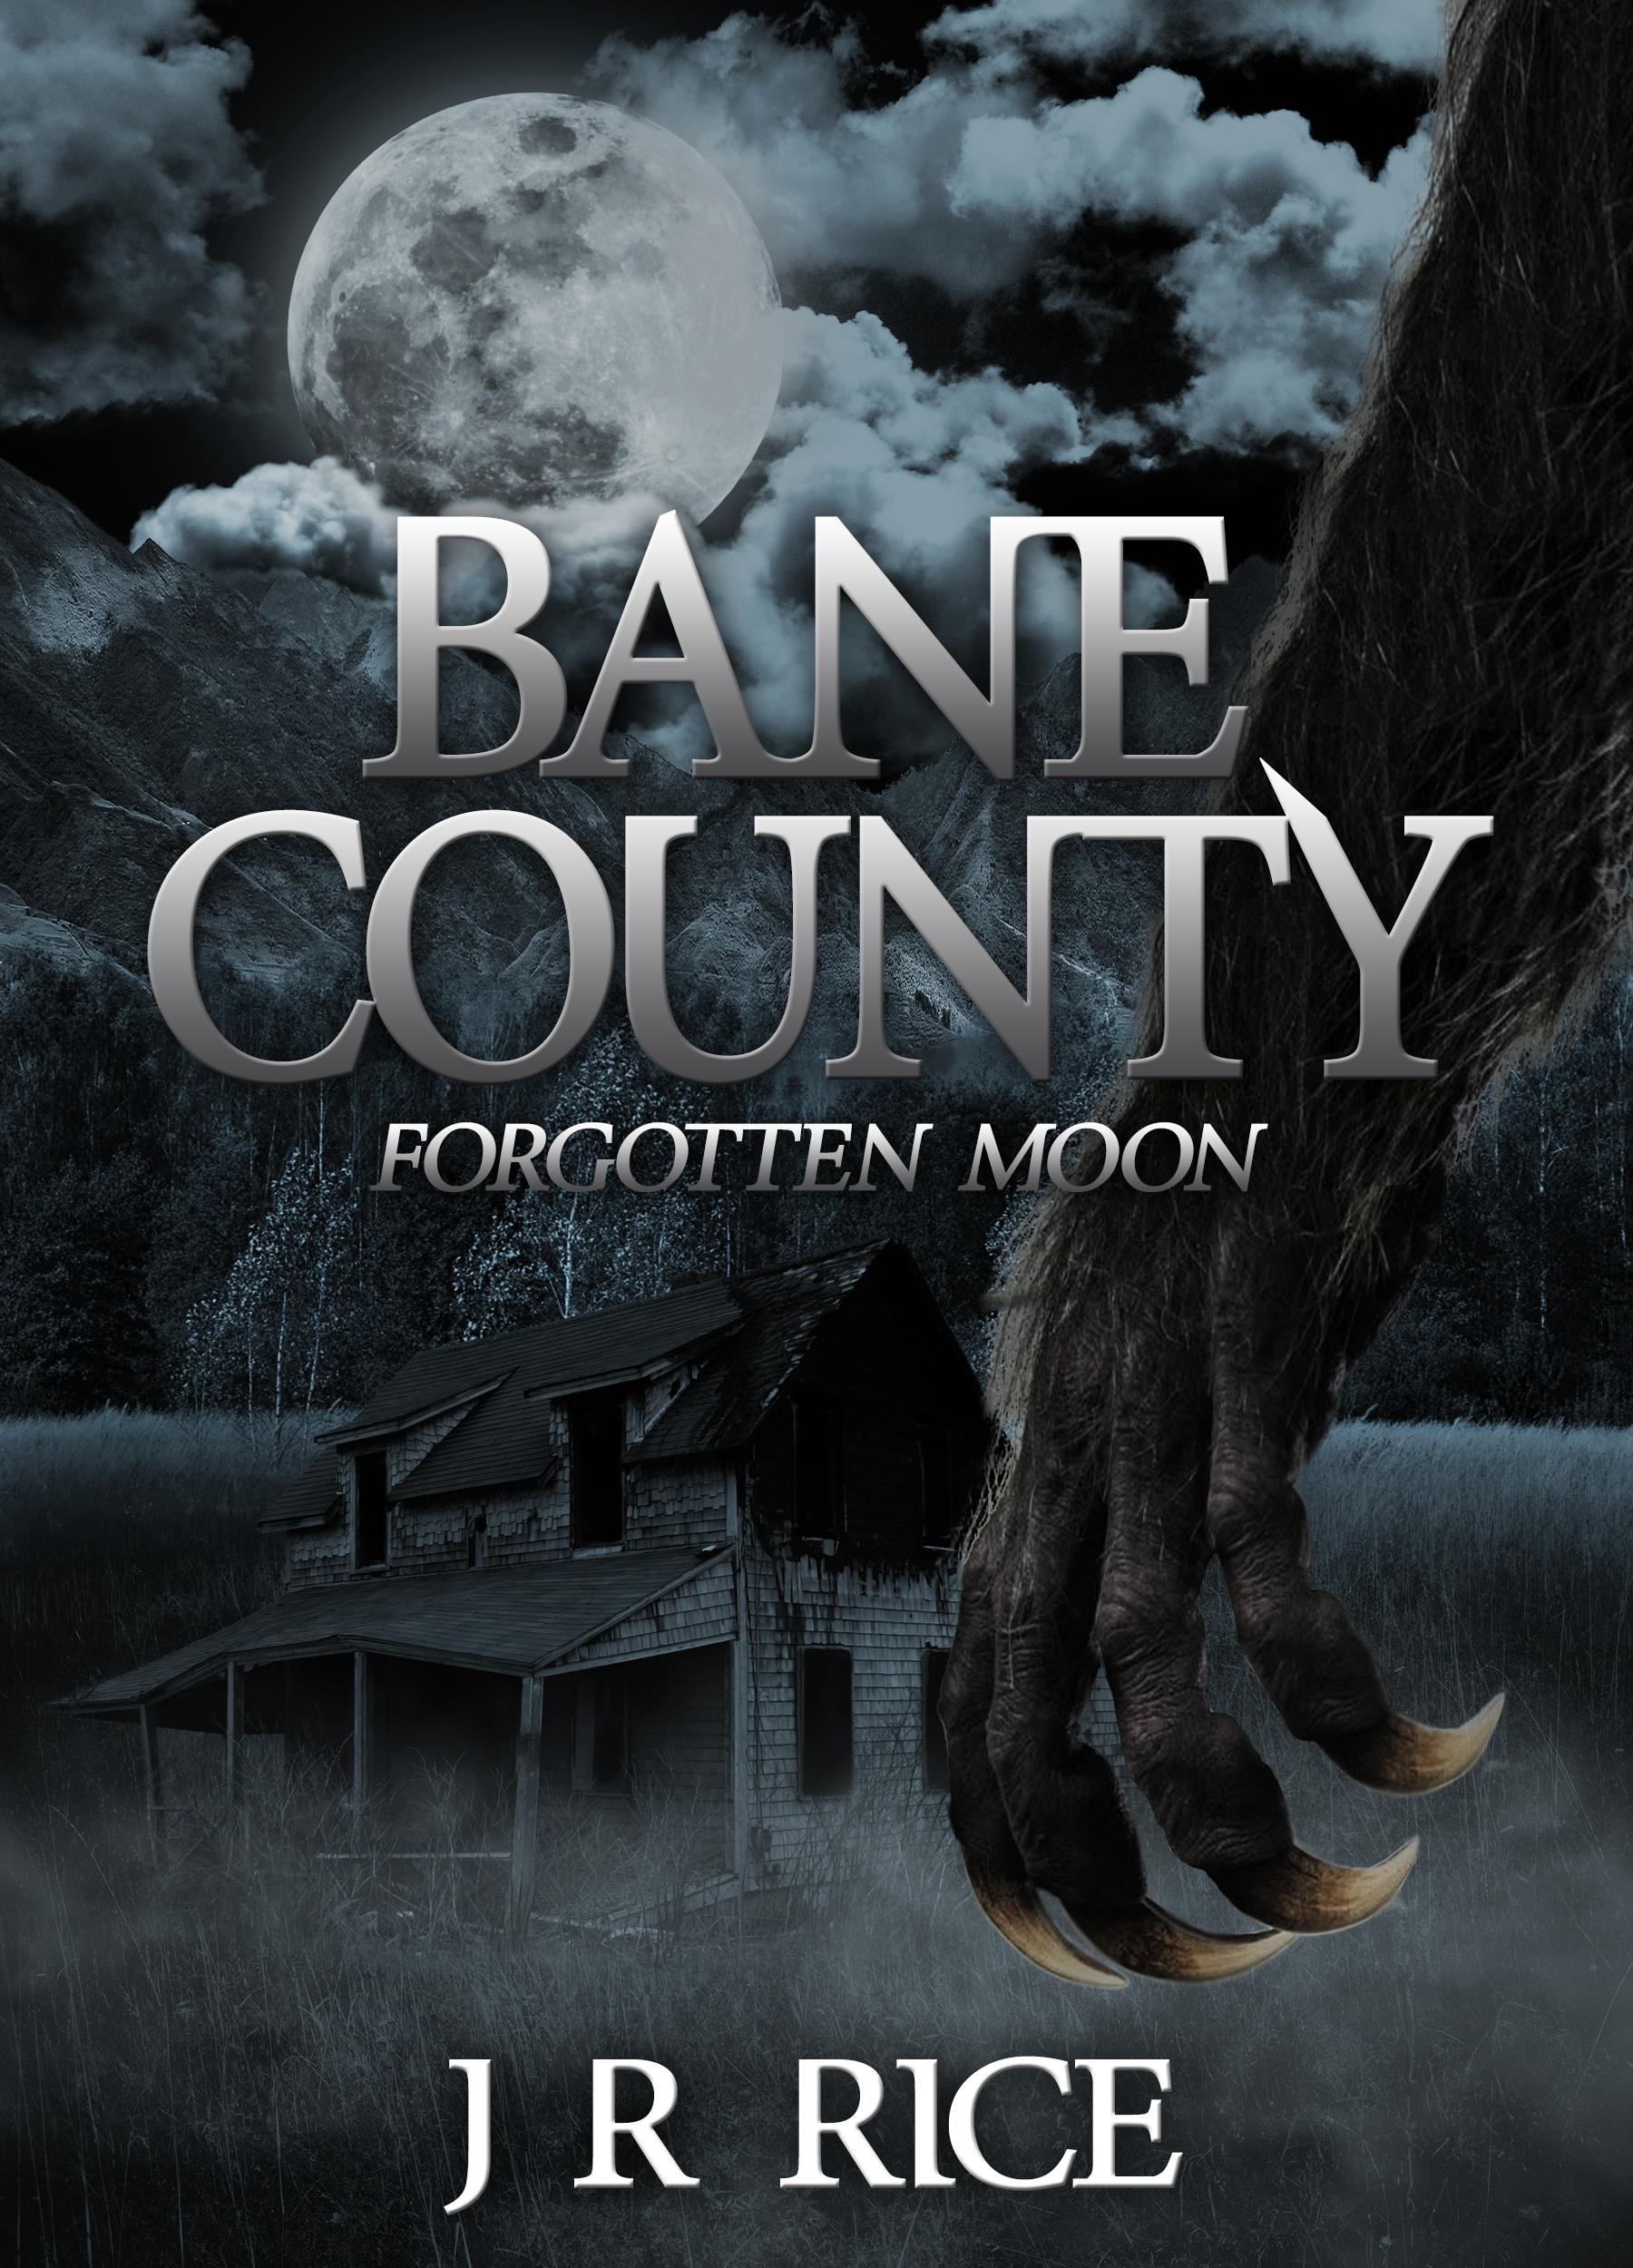 Bane County